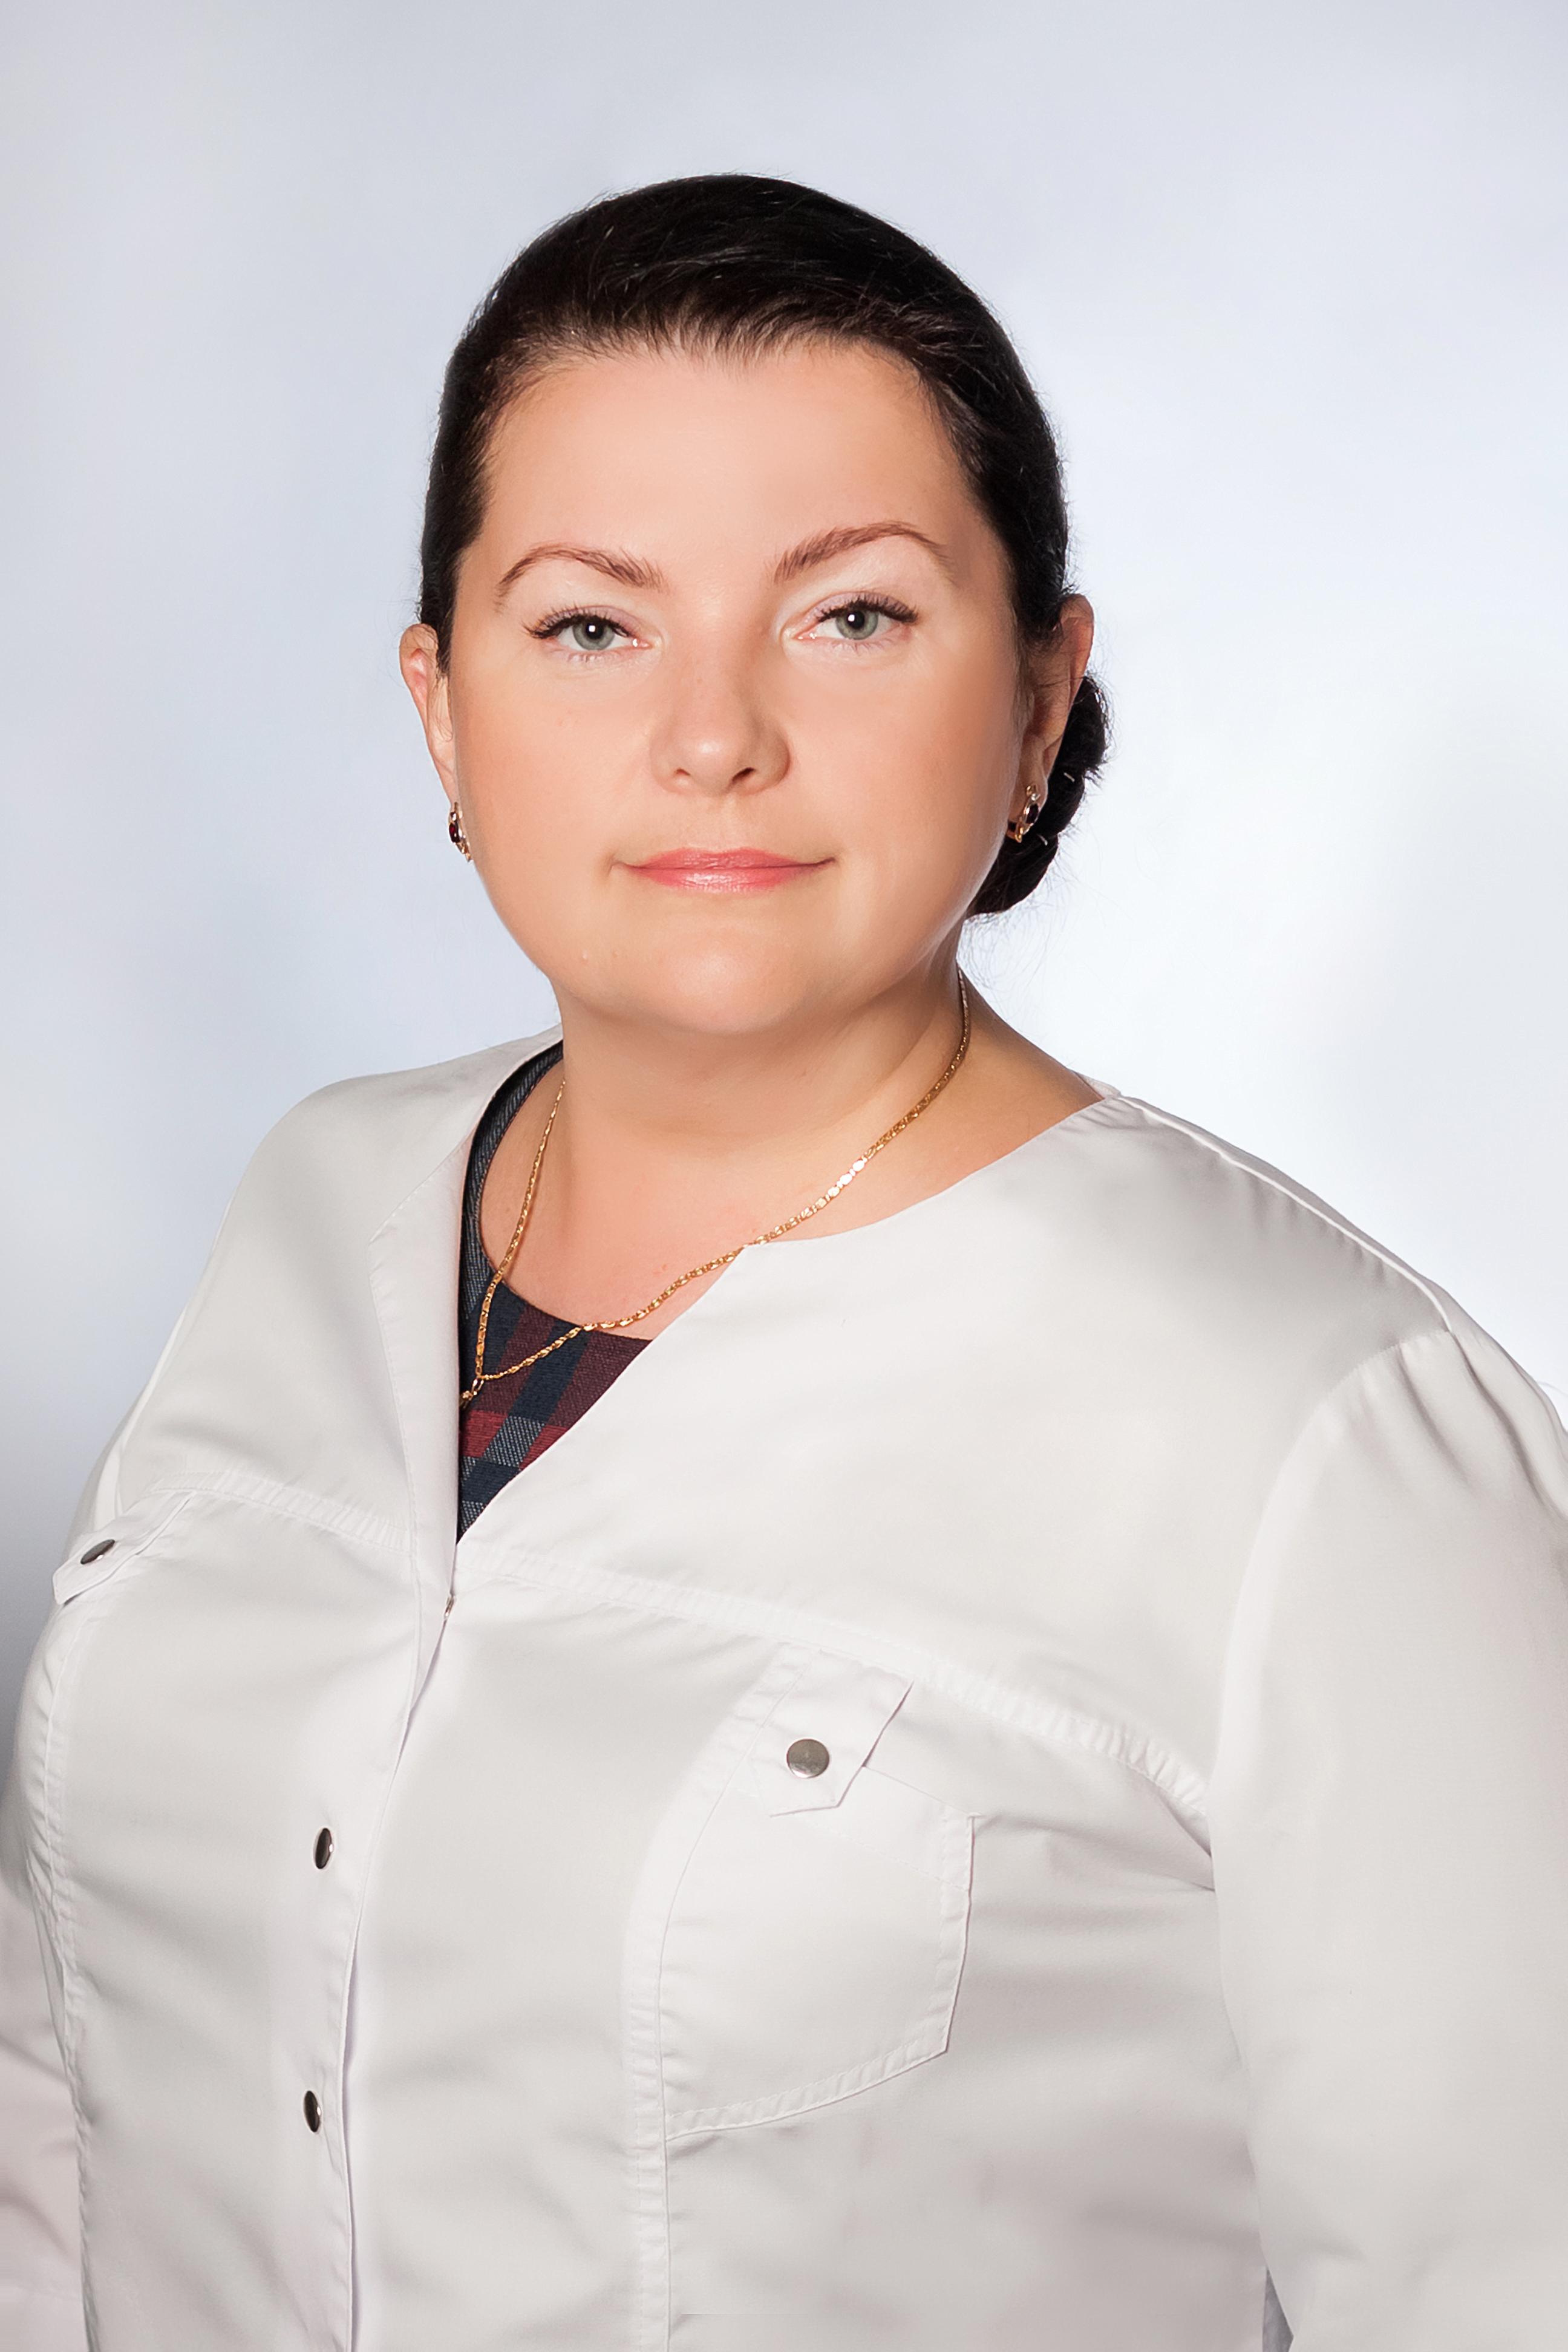 Санникова Юлия Анатольевна